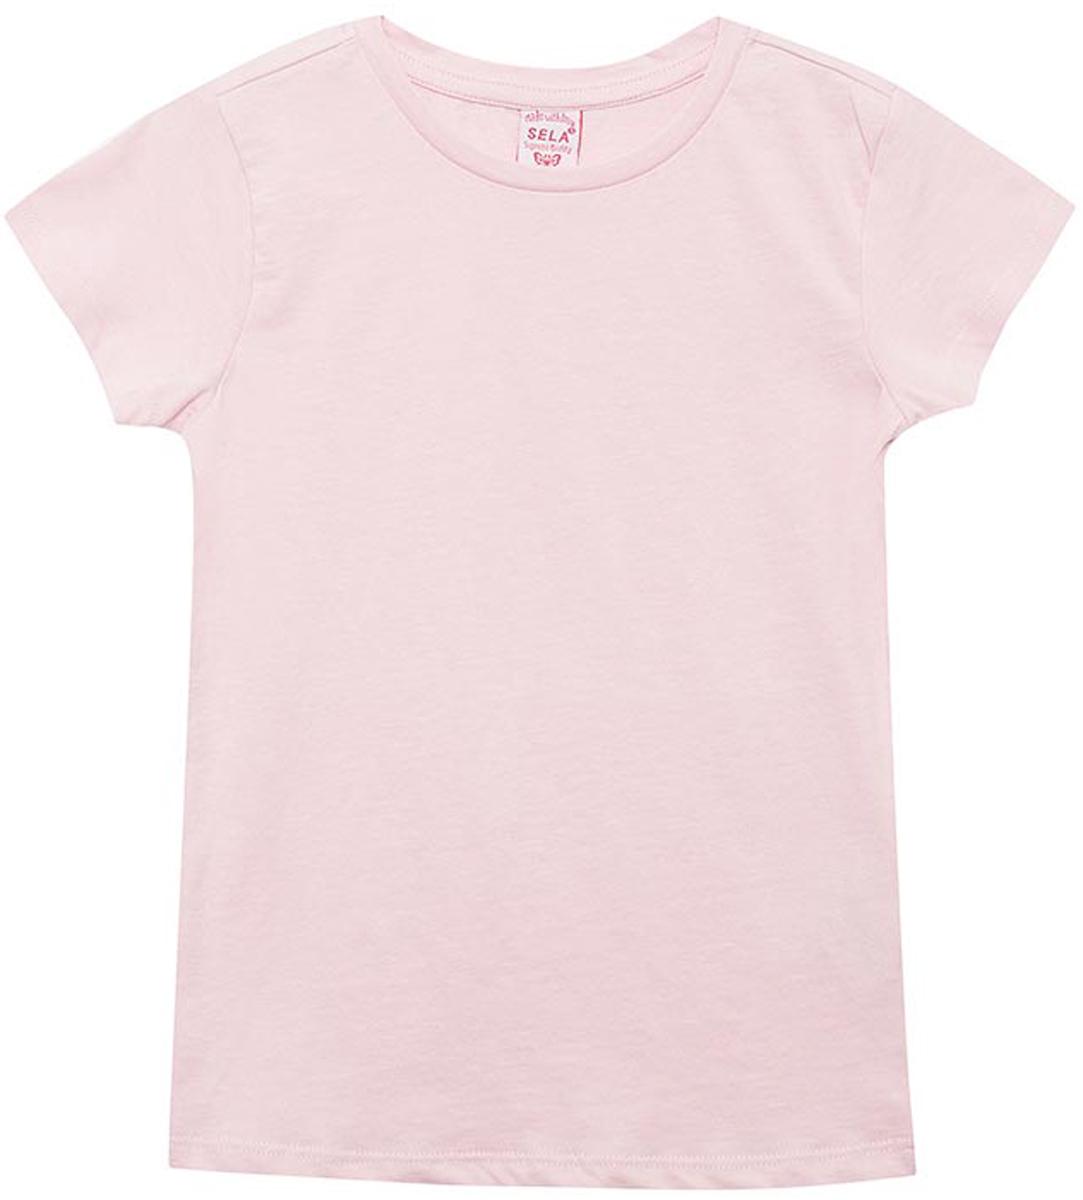 Футболка для девочки Sela, цвет: розовый. Ts-611/1257-8161. Размер 152Ts-611/1257-8161Футболка для девочки Sela выполнена из натурального хлопка. Модель с круглым вырезом горловины и короткими рукавами.